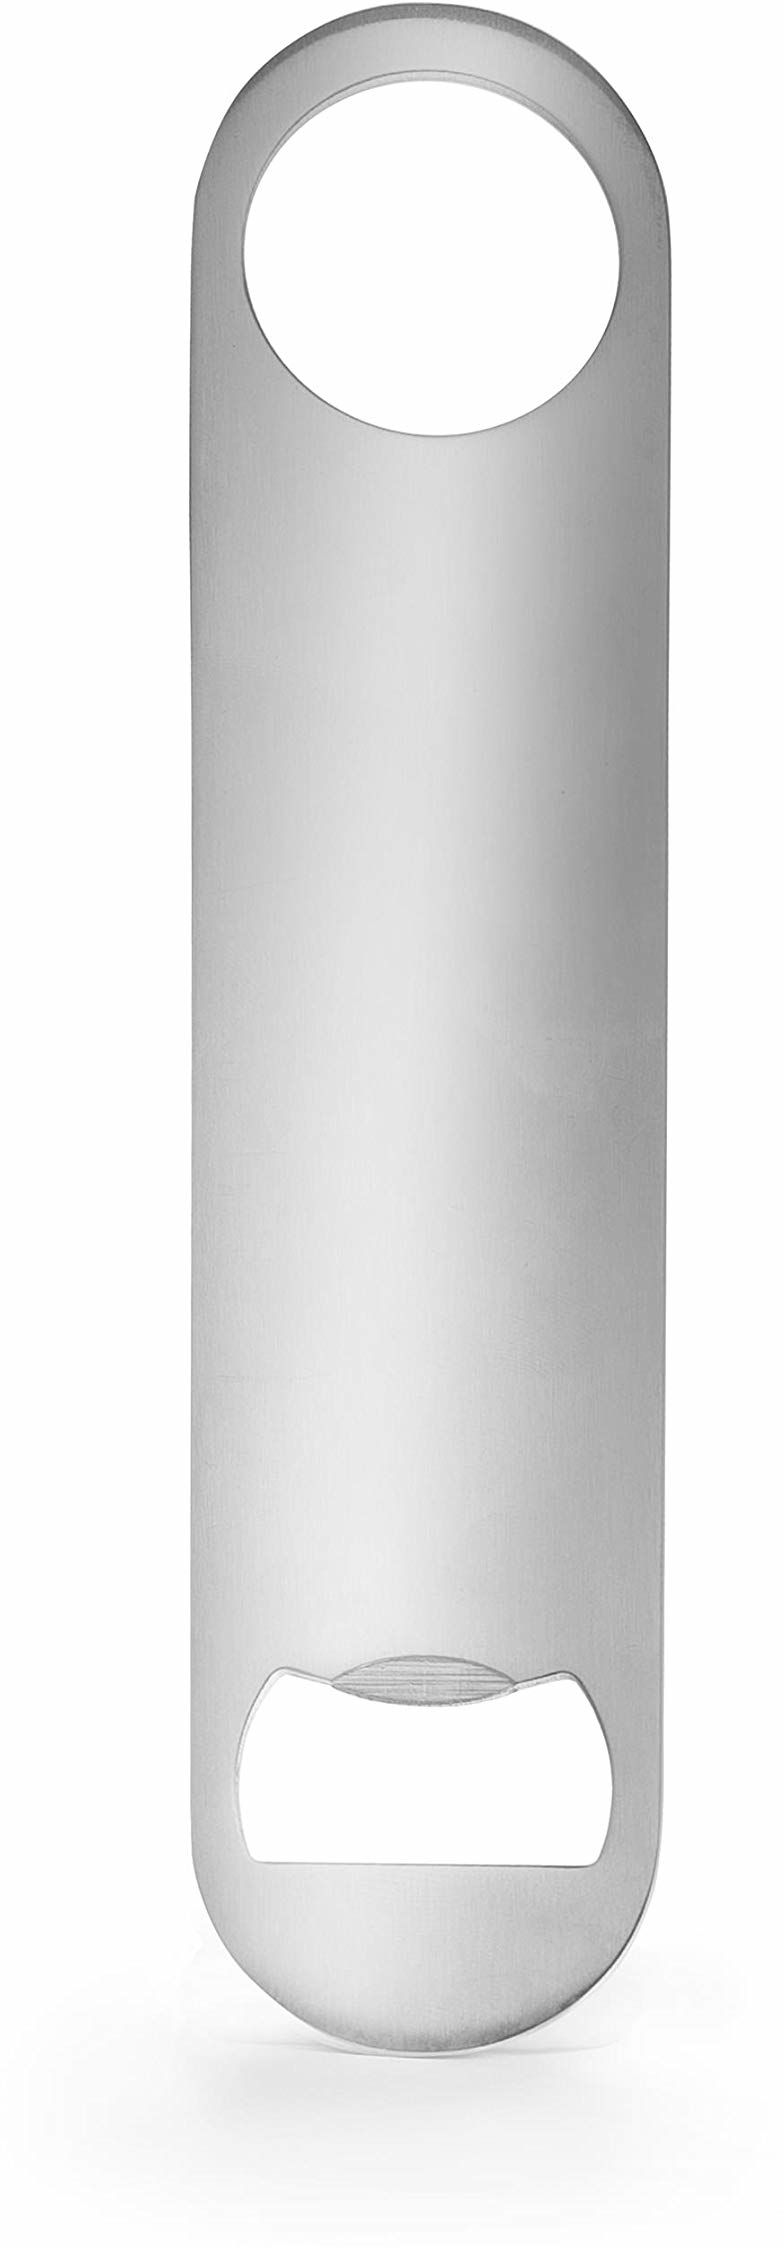 IBILI 695037 otwieracz do butelek